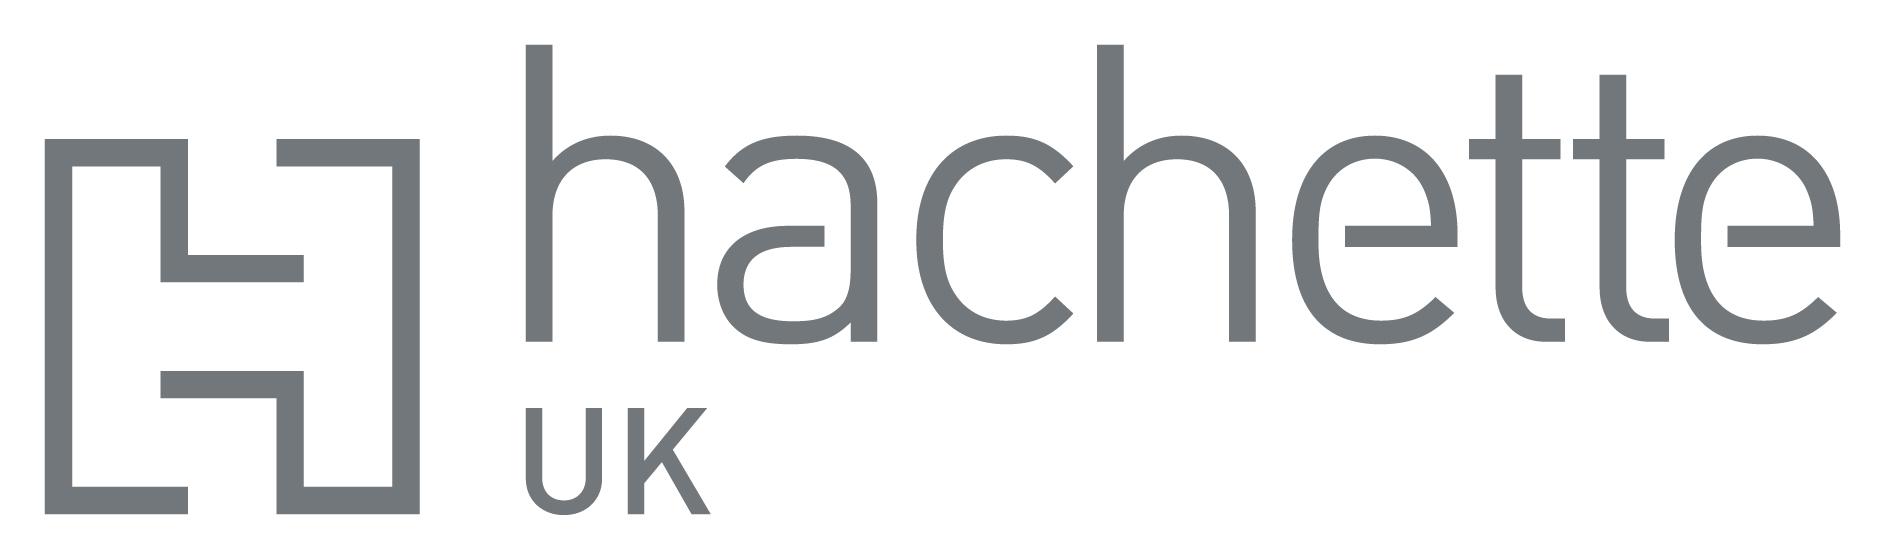 Hachette UK logo.jpg